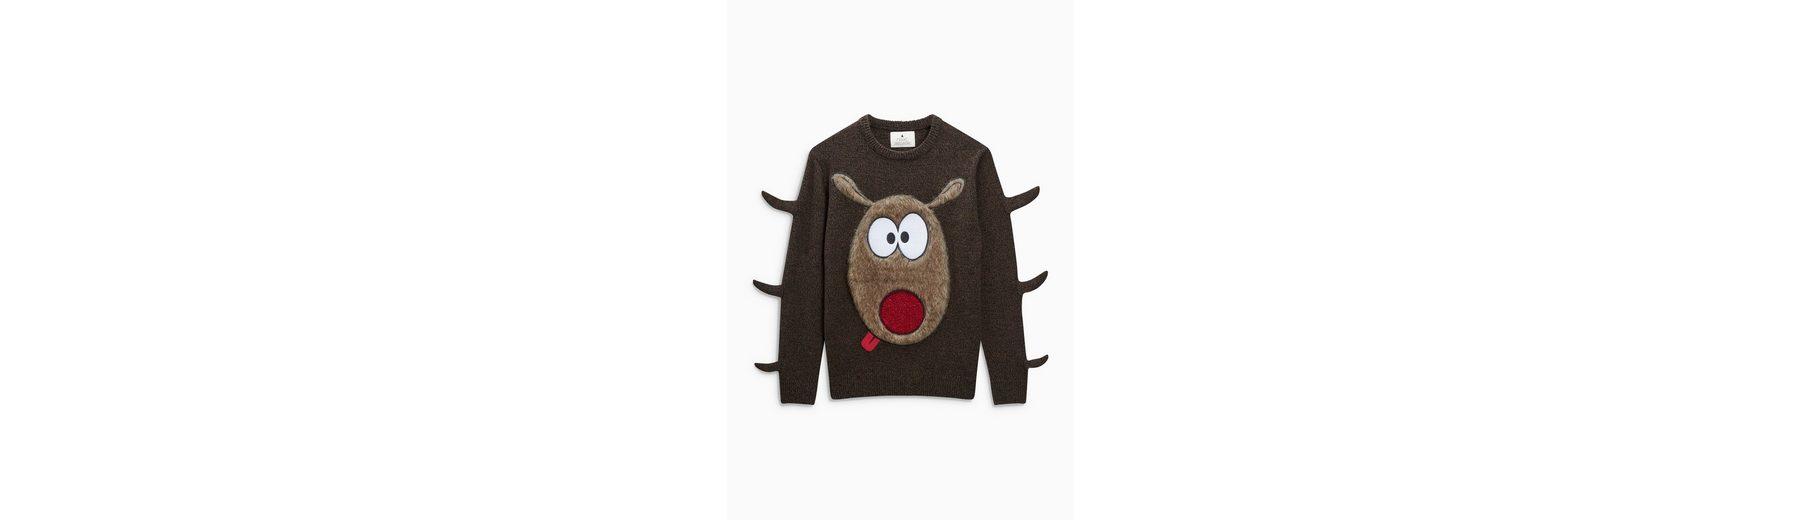 Next Weihnachtspullover mit Rudolphmotiv Amazon Online Offizieller Online-Verkauf gnSLgJC